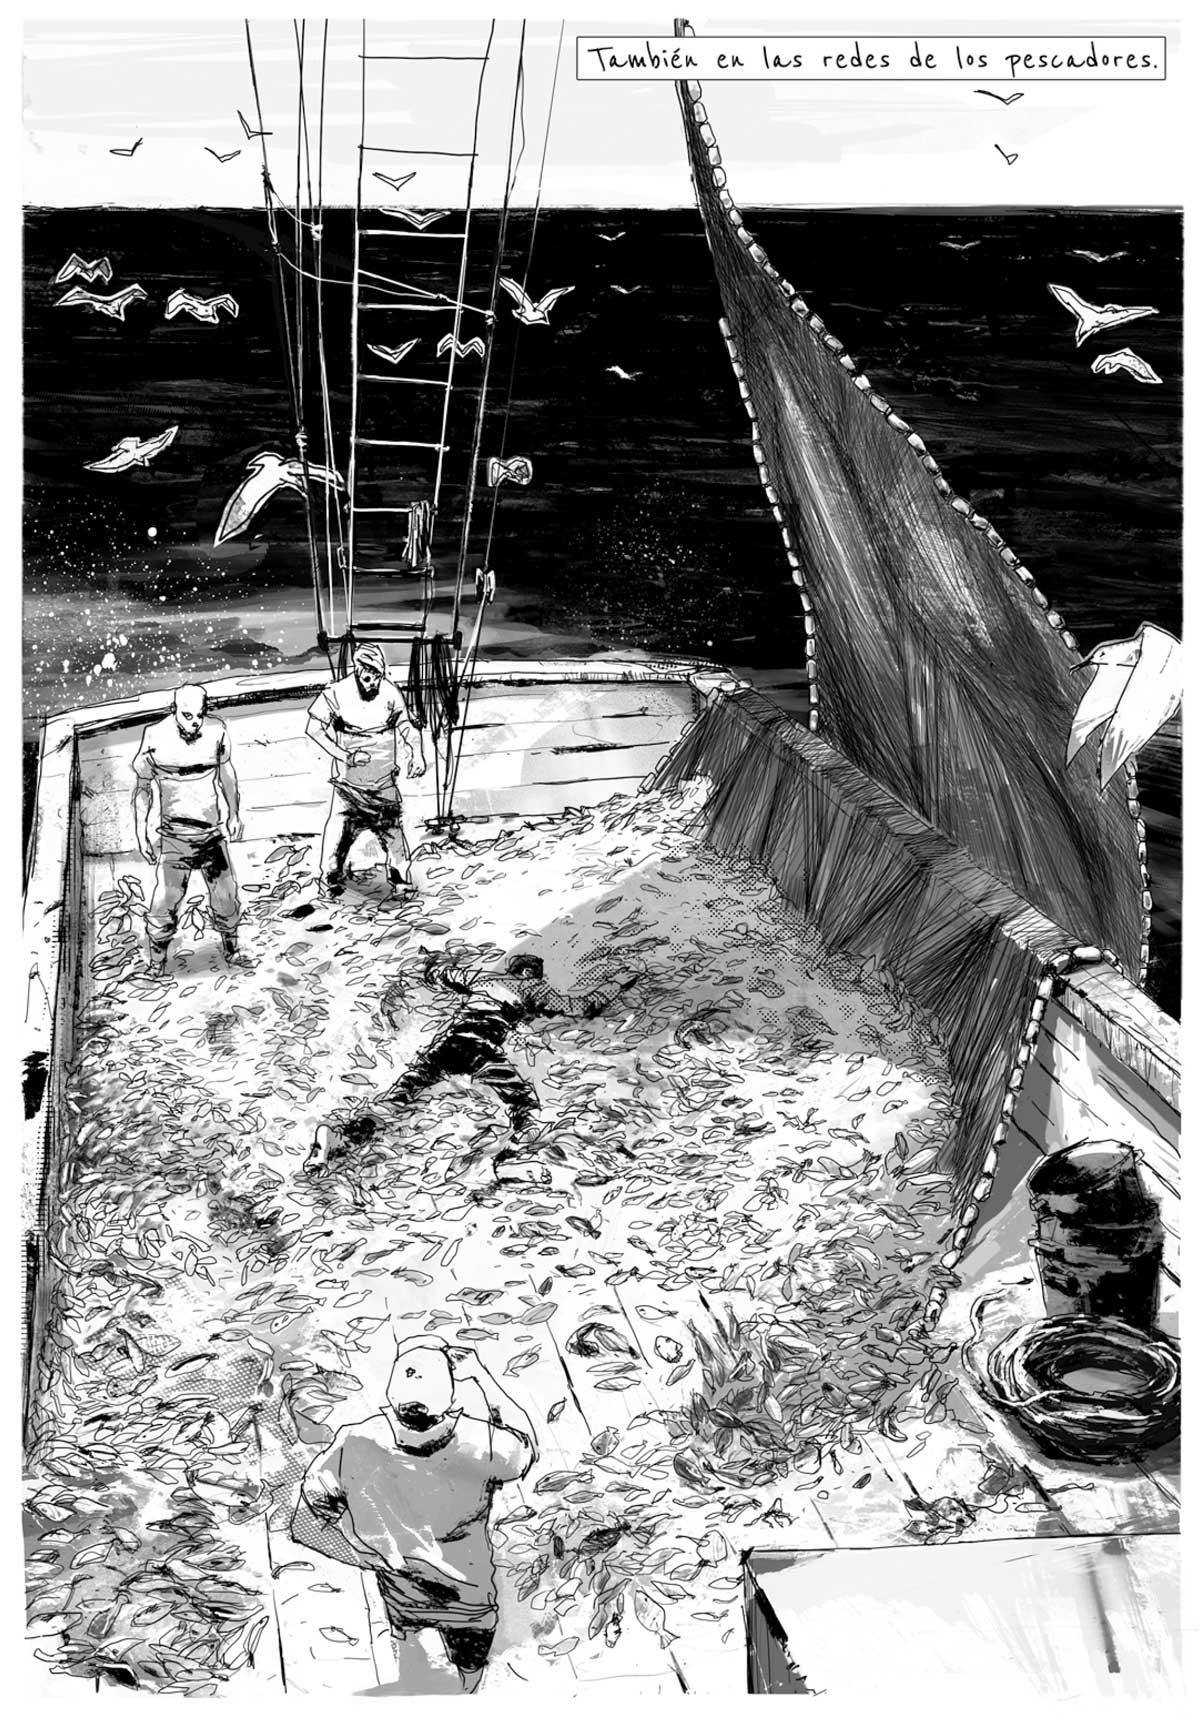 refugiados-pescadores